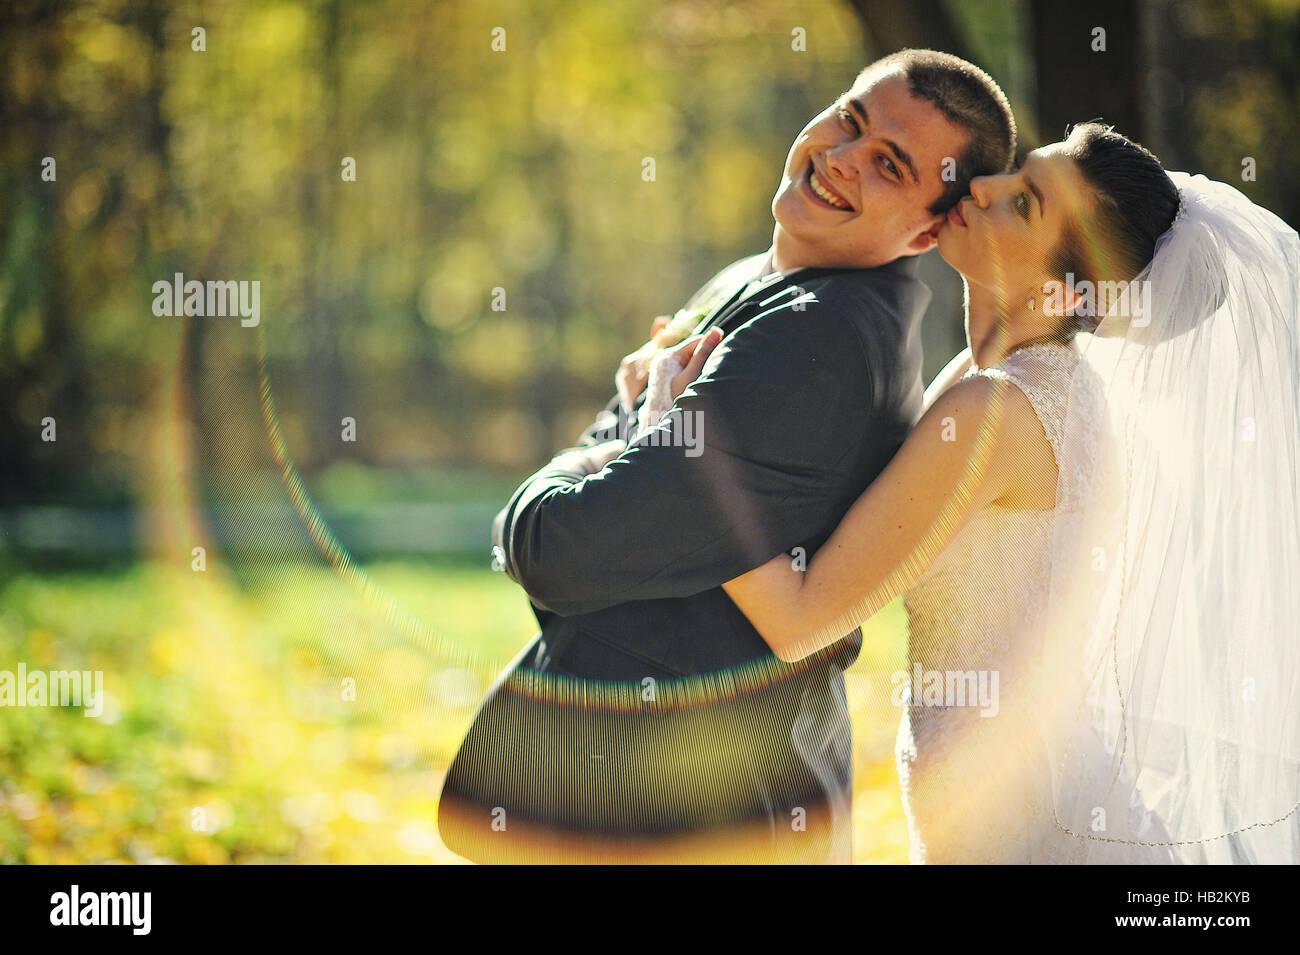 Glorious newlyweds at autumn sunshine - Stock Image